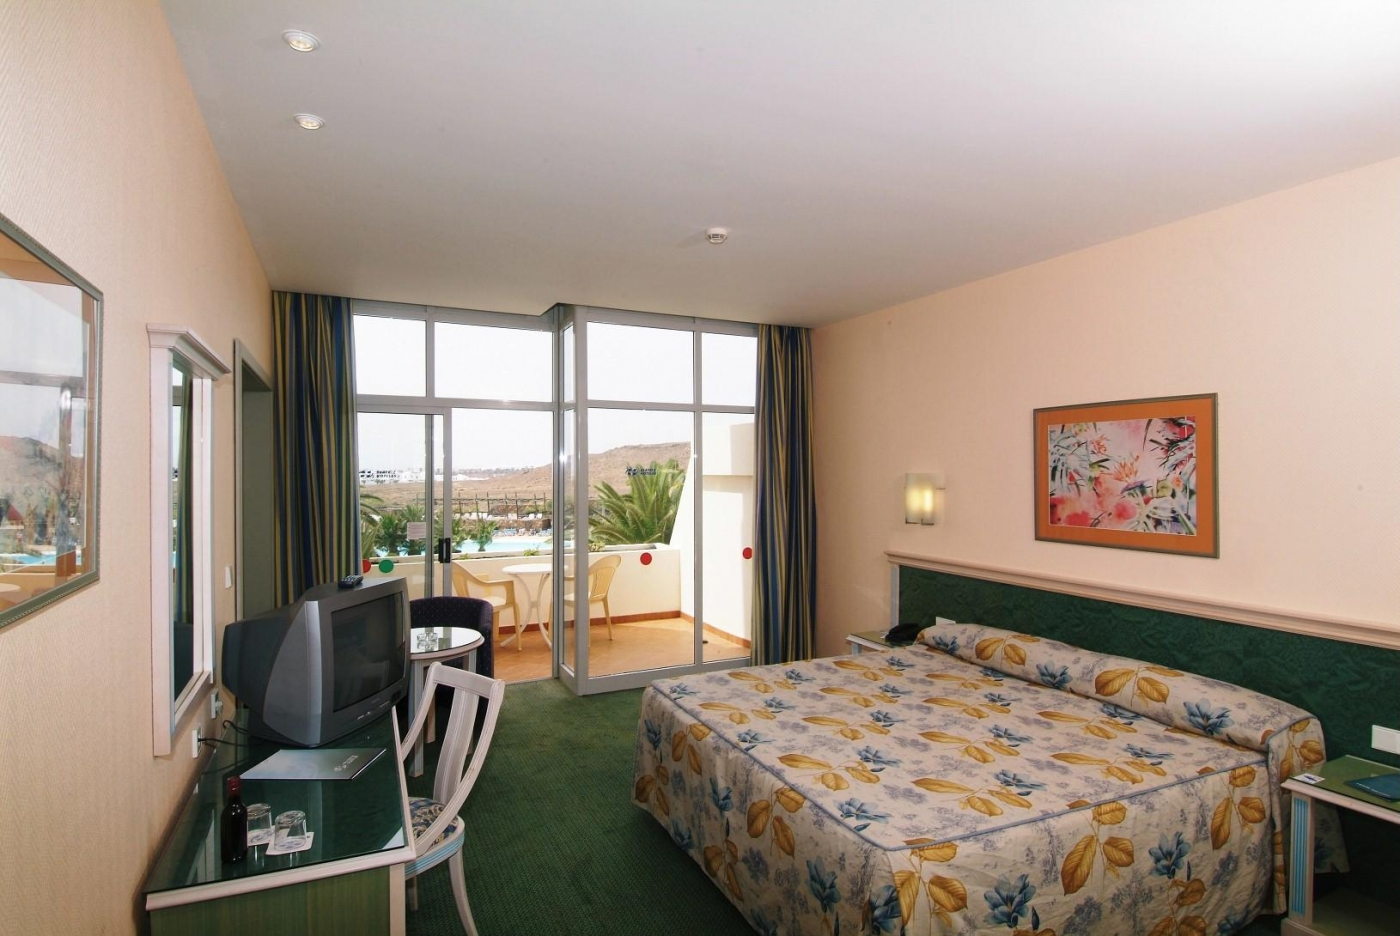 c mo encontrar hoteles baratos en nueva york turismo